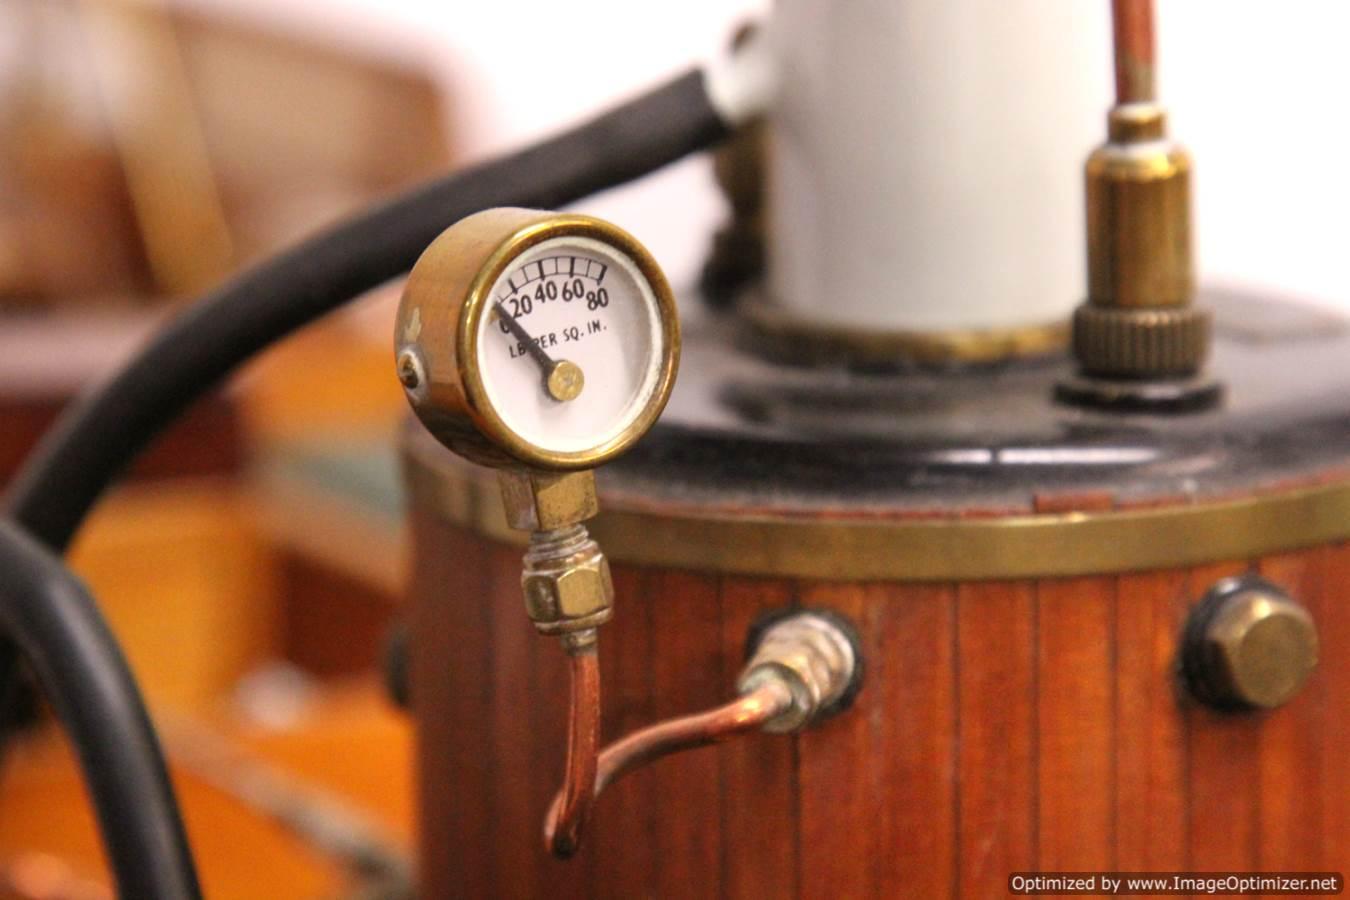 test bockrum-cheddar-steam-boat-live-steam-model-for-sale-10-optimized